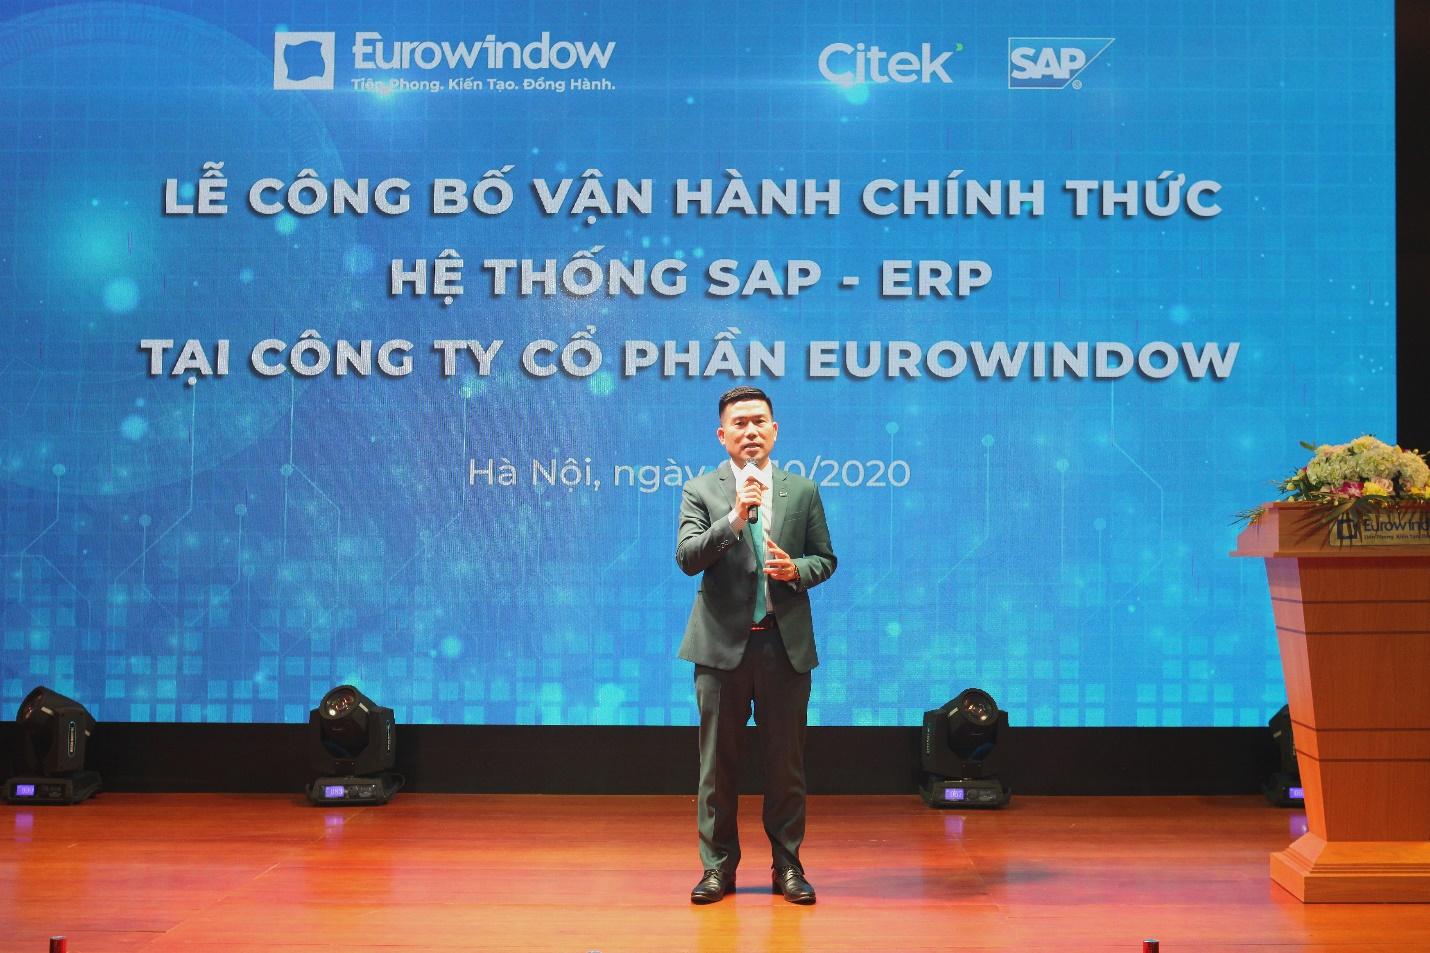 Ông Nguyễn Công Tẩn – TGĐ Công ty CP công nghệ Citek bày tỏ mong muốn Eurowindow tiếp tục hỗ trợ và đồng hành để vận hành thành công hệ thống SAP - ERP